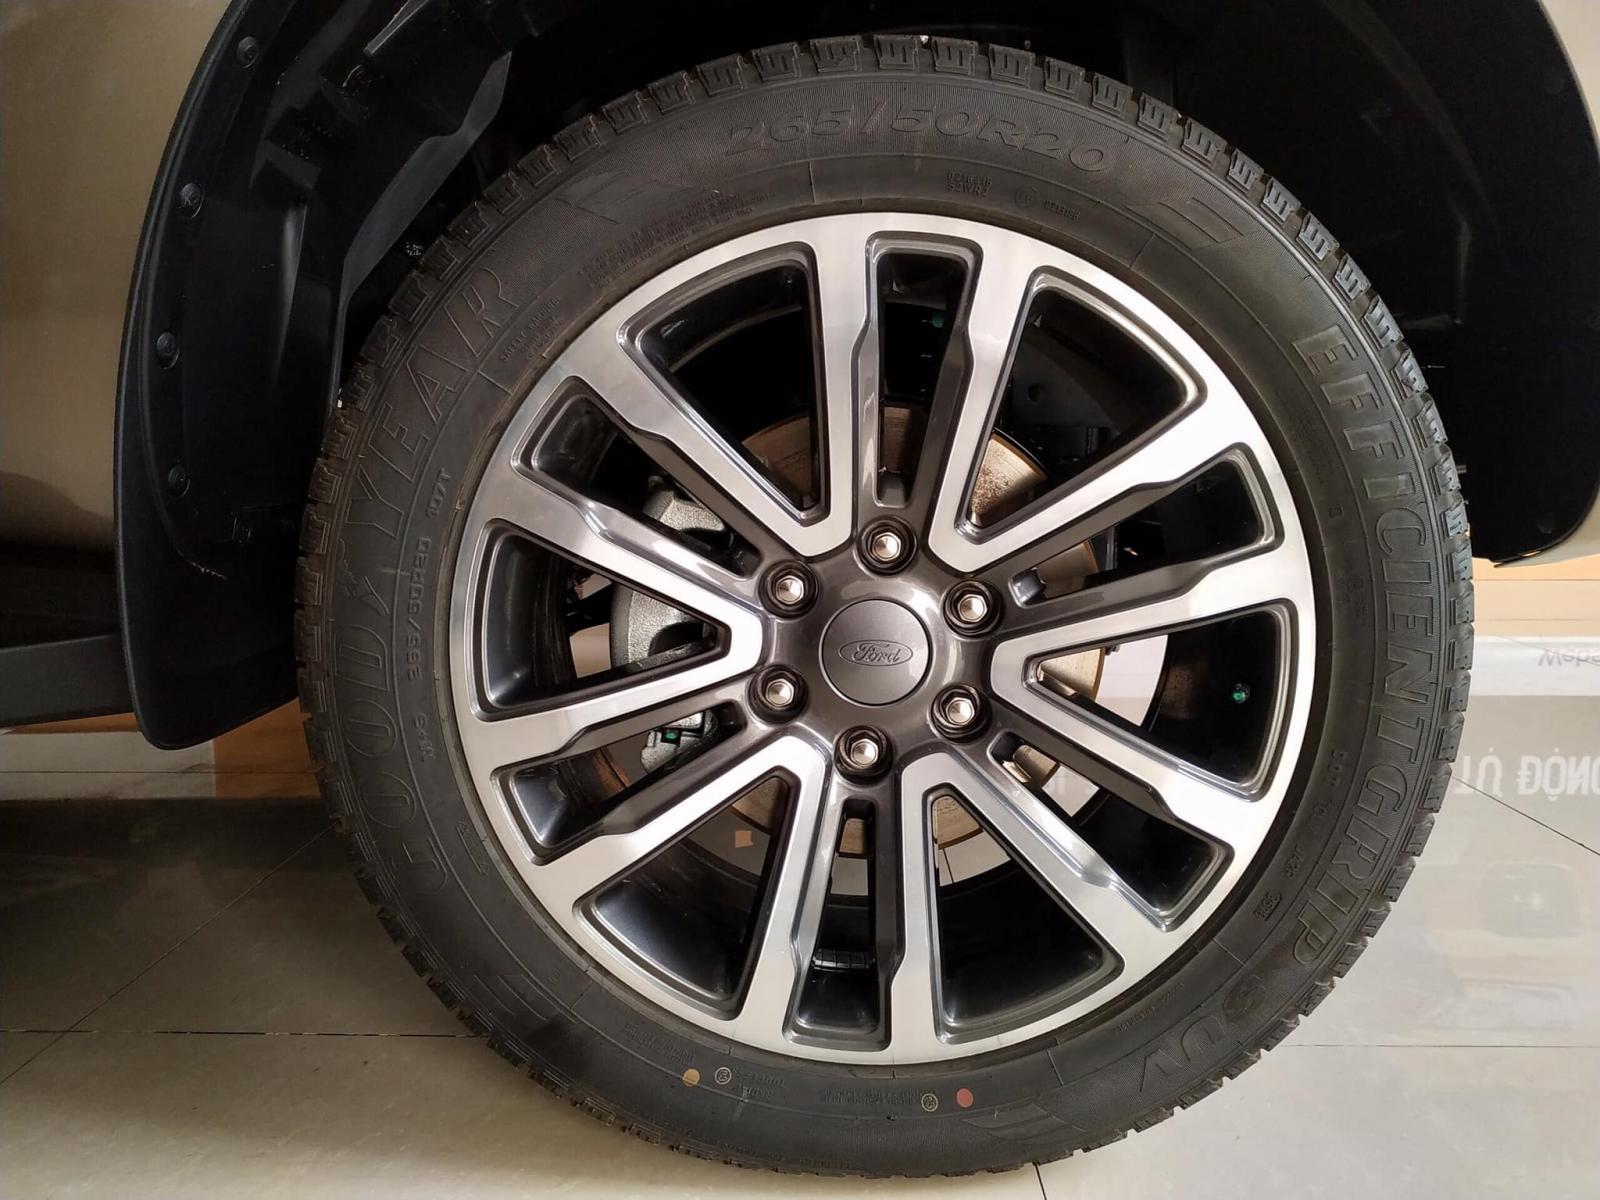 Ford Everest 2019 giá hấp dẫn xe giao ngay, ưu đãi giảm tiền mặt trực tiếp tặng kèm gói phụ kiện hotline: 0933 068 739